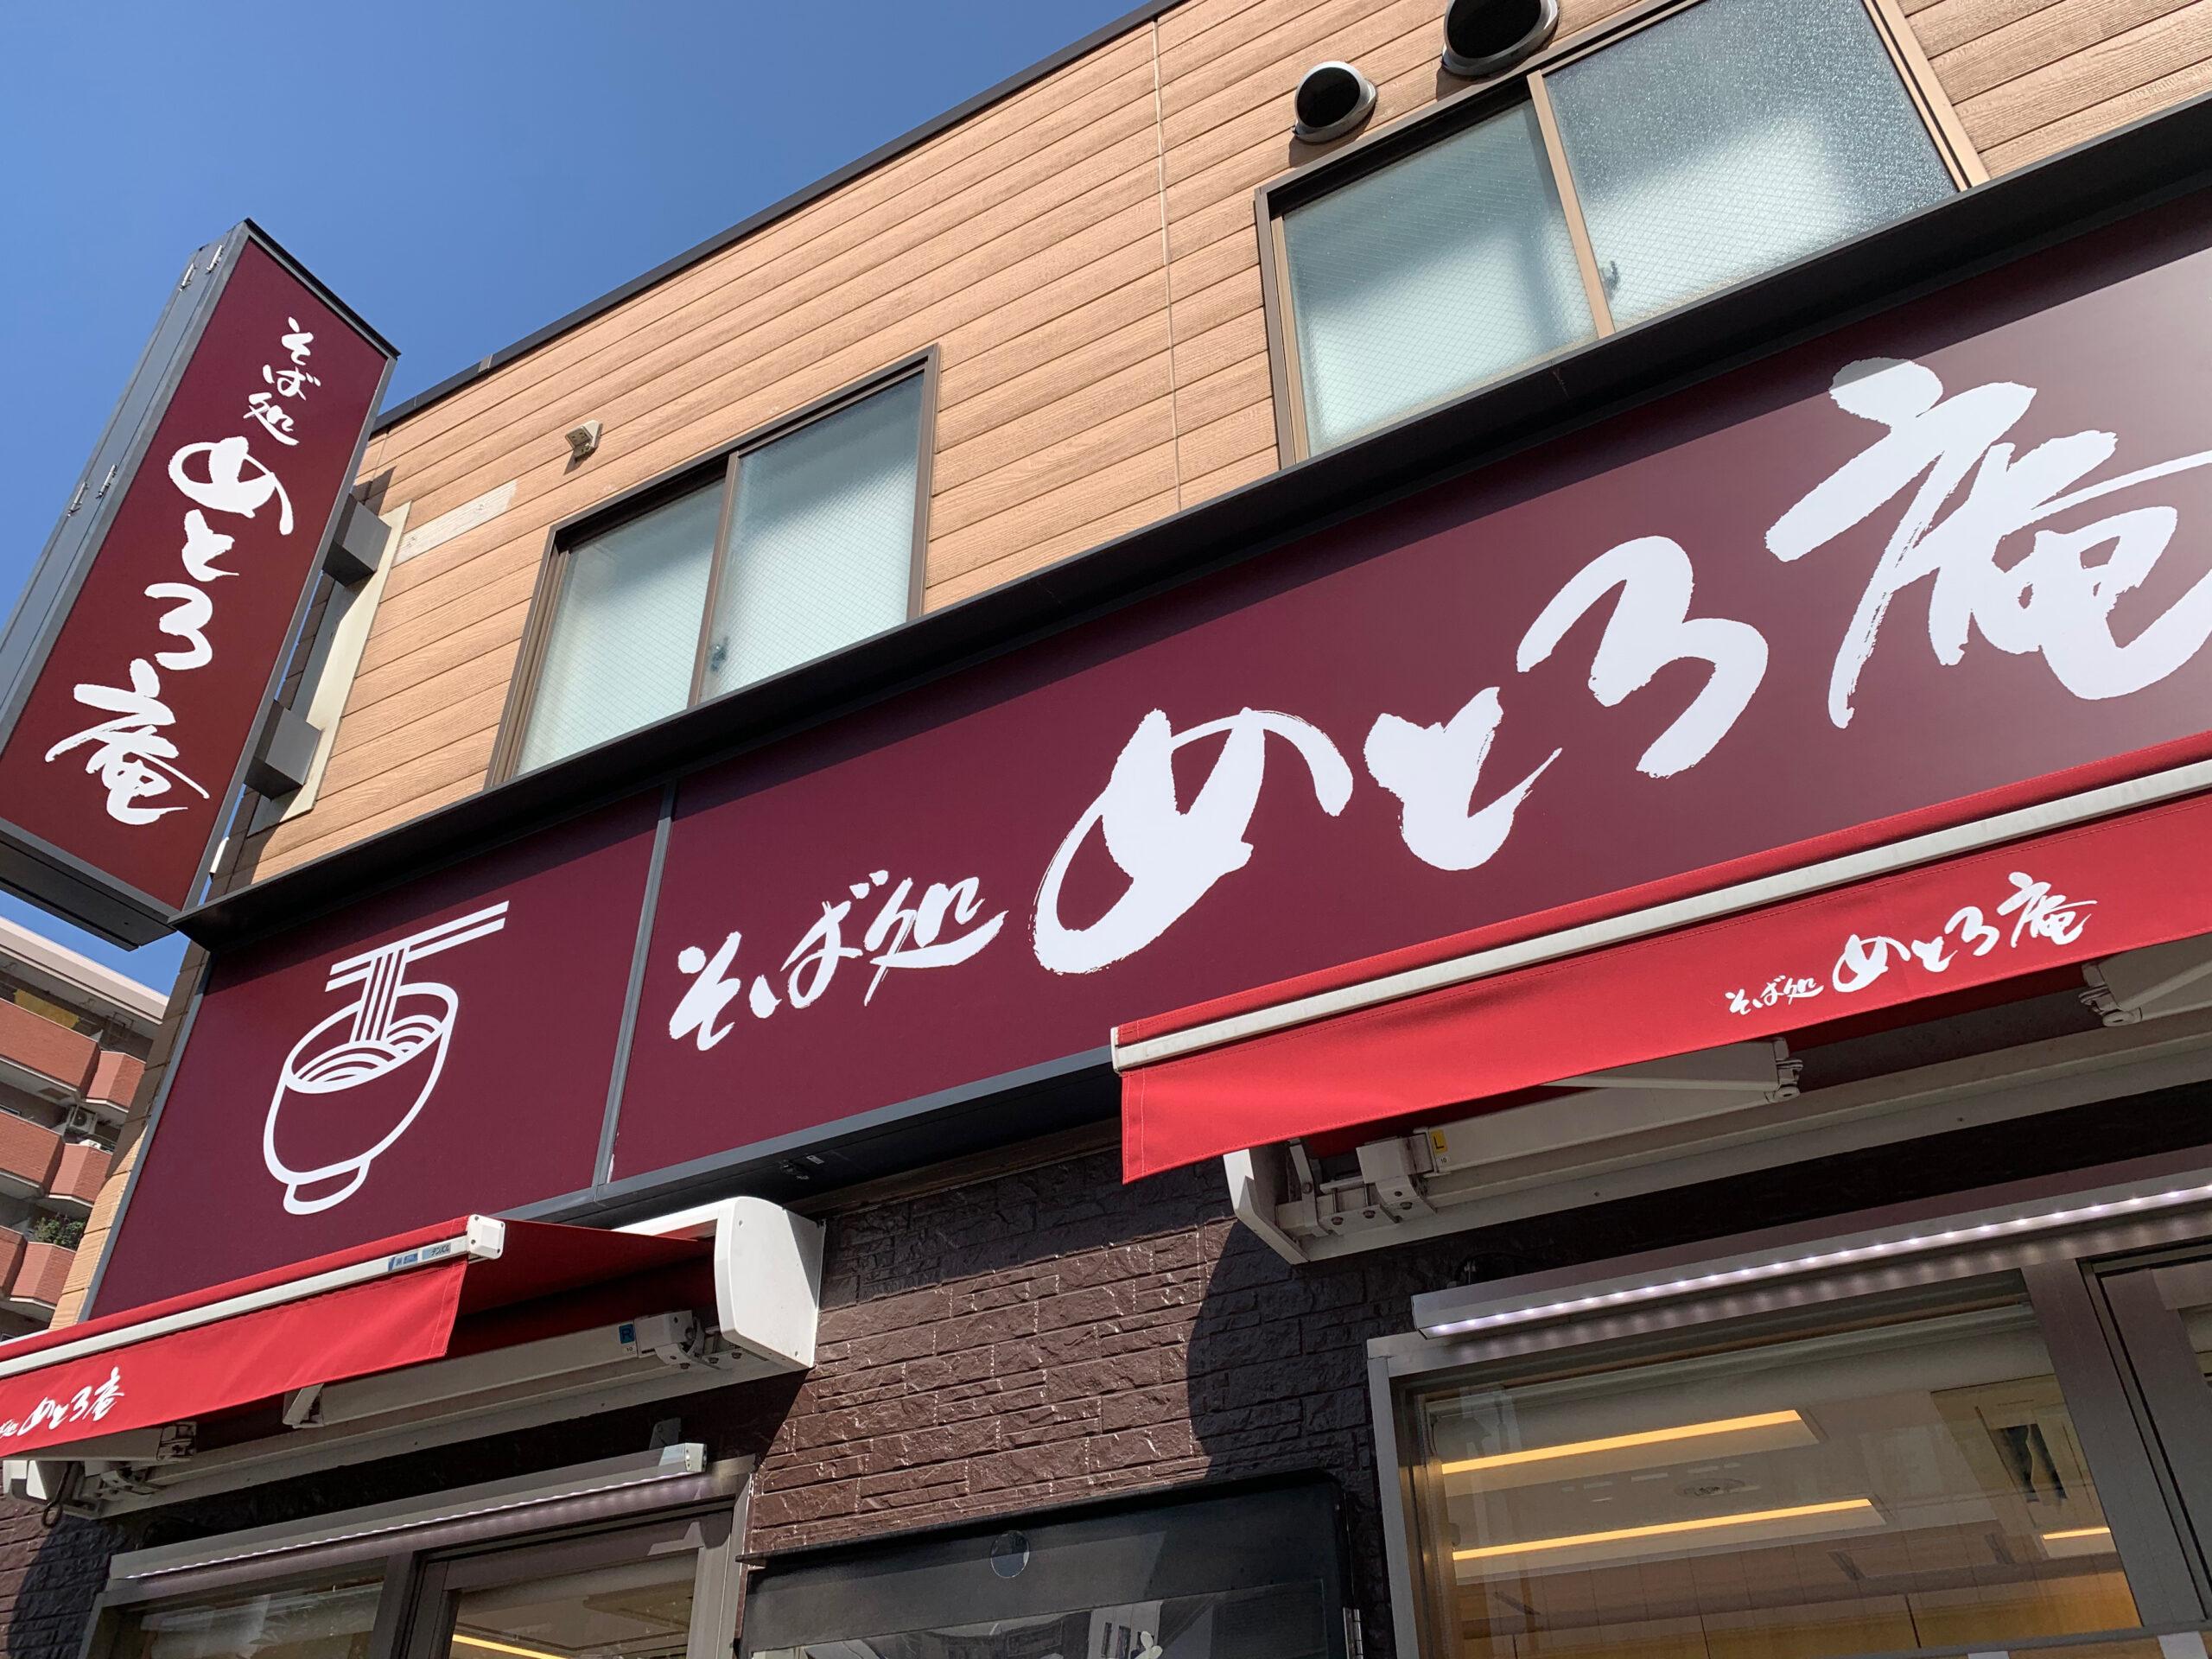 【めとろ庵江東区東陽町店】安定した立ち食い蕎麦の味と落ち着いた雰囲気のお店です